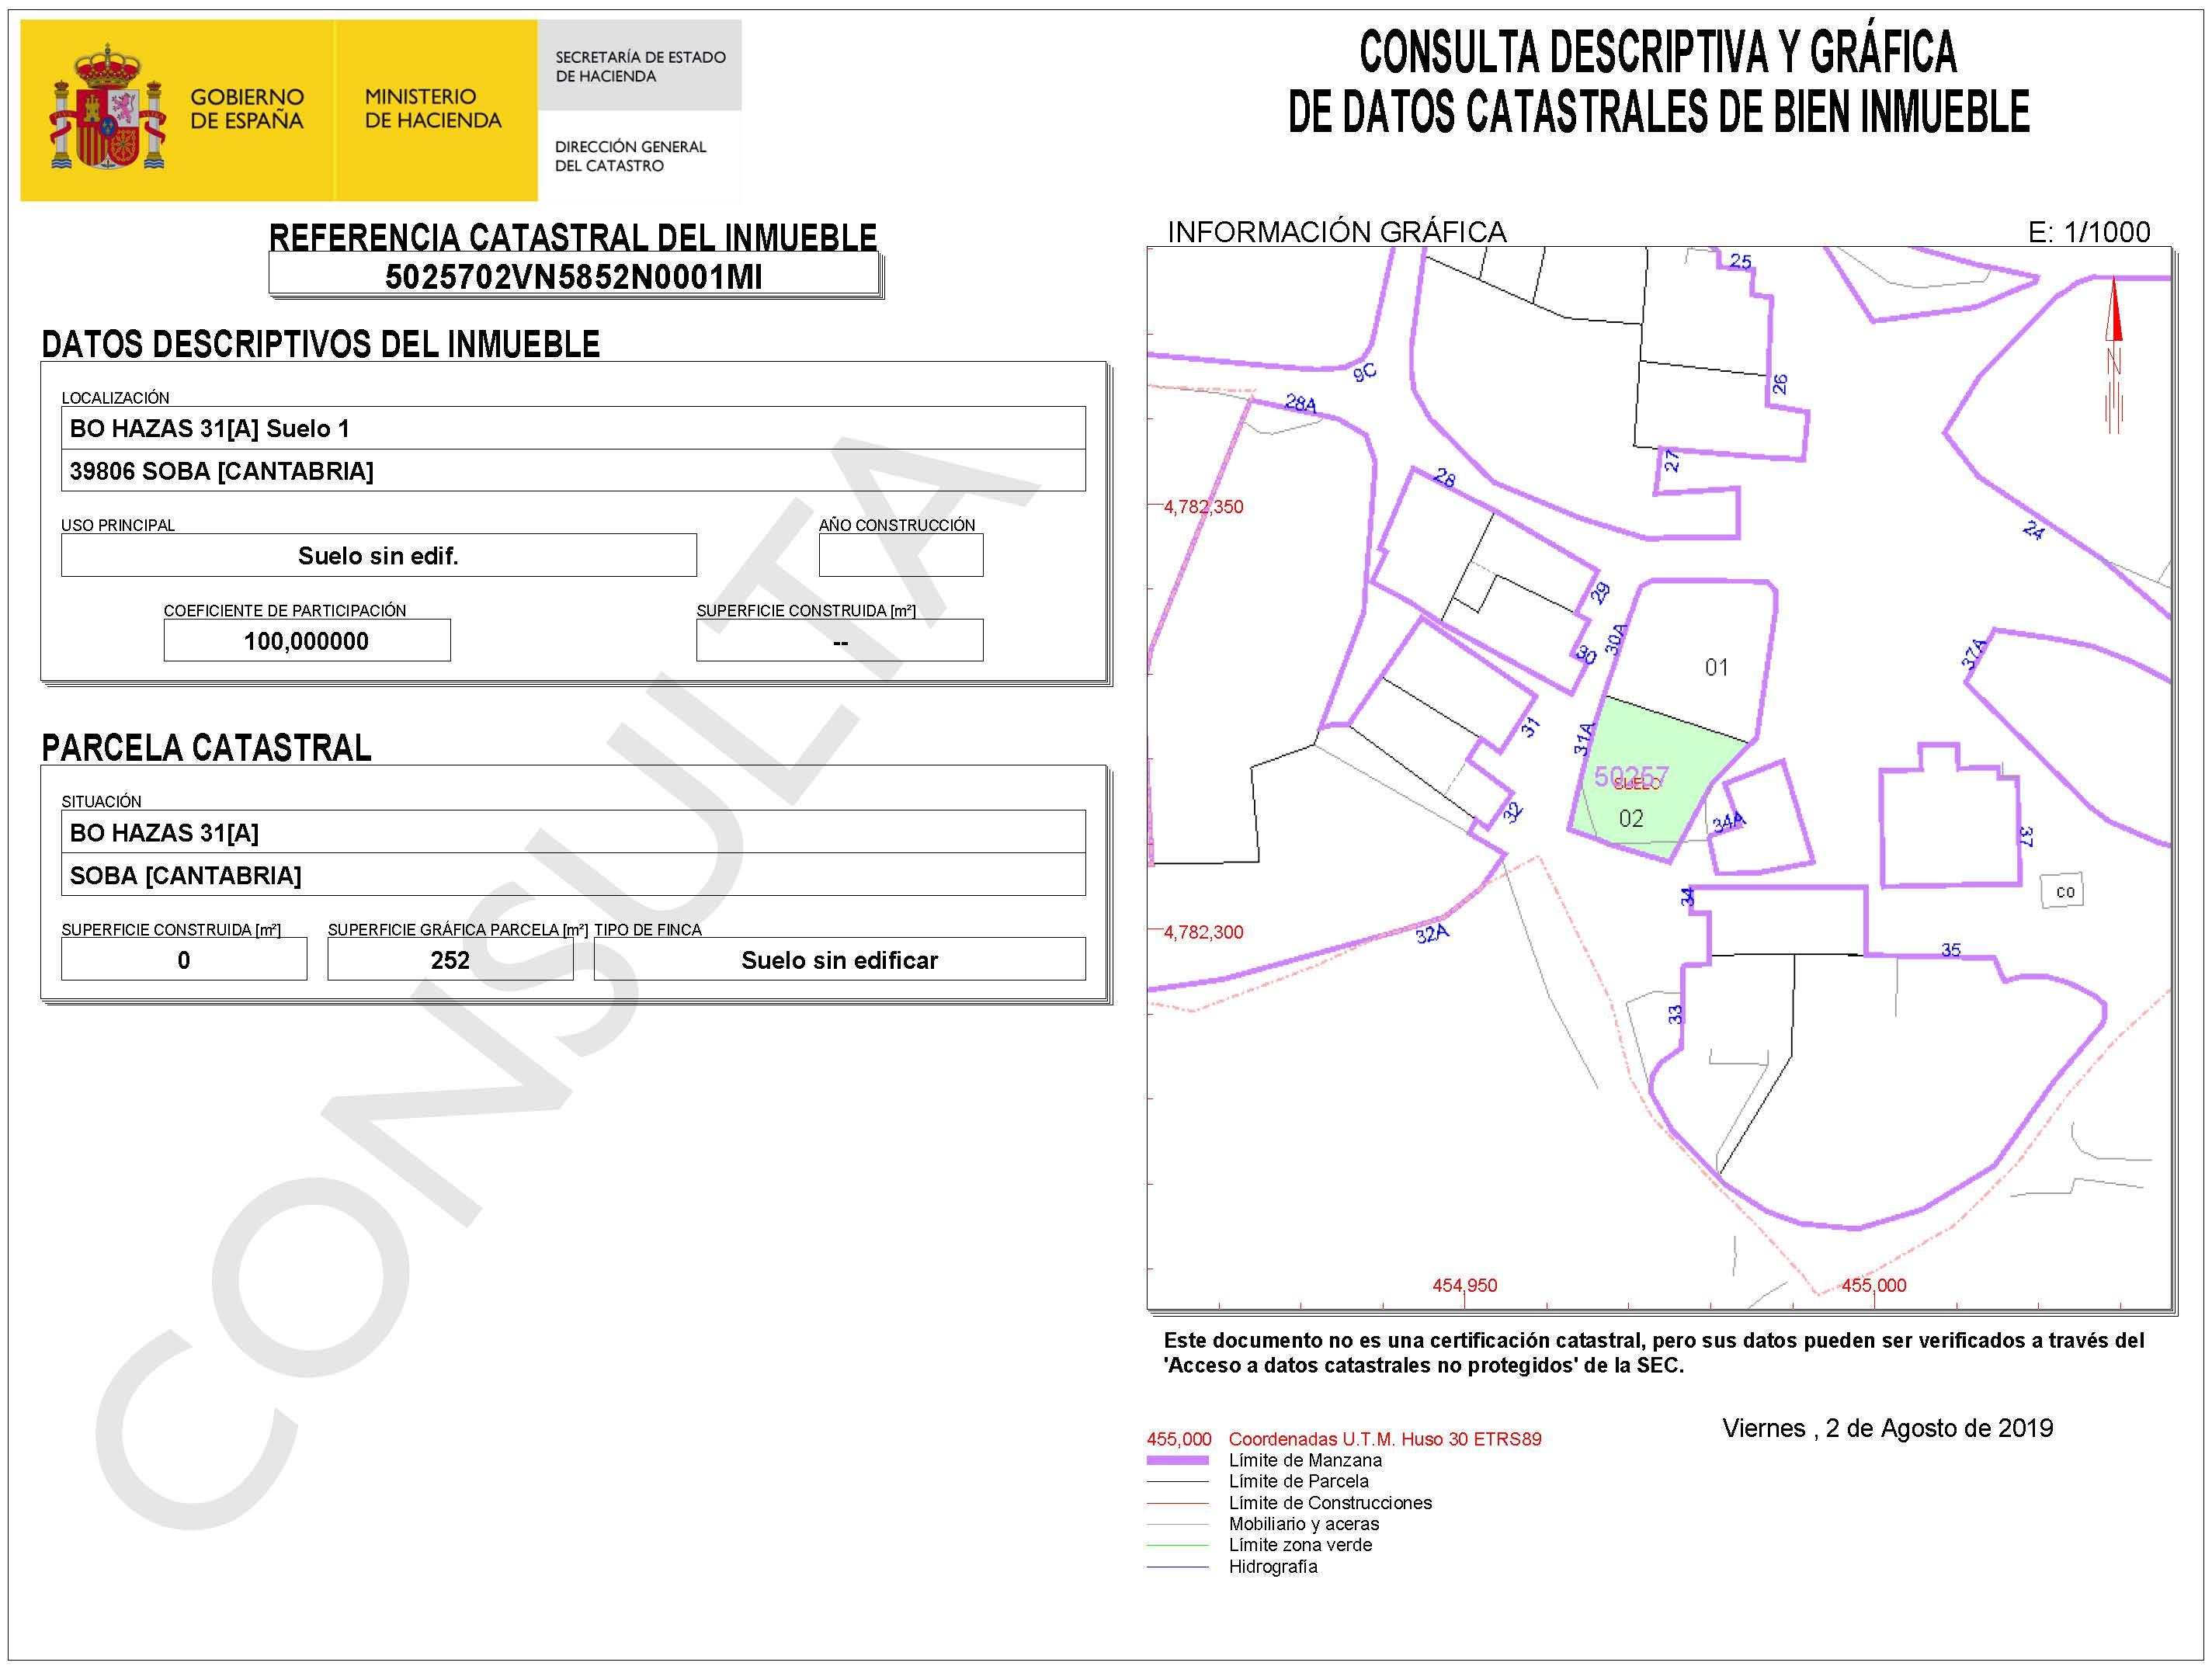 Land 252 sq m